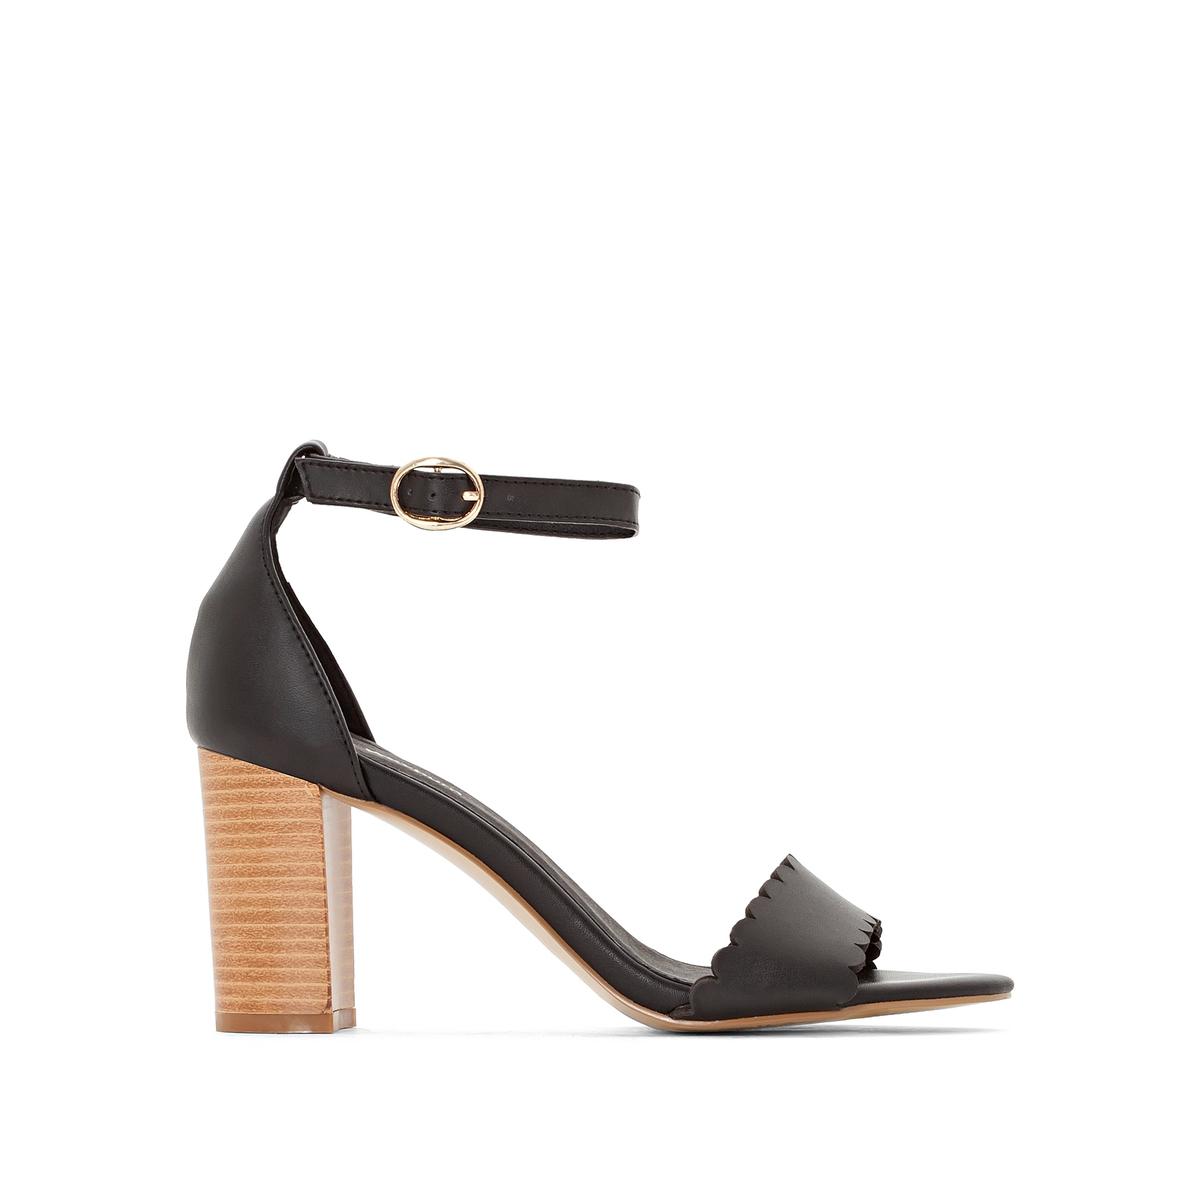 Босоножки из кожи на каблукеБосоножки Anne Weyburn, изящные и утонченные, подходят для повседневного ношения.Верх : кожа.Подкладка : синтетика.Стелька : Кожа на подкладке из пеноматериала.Подошва : эластомер.Высота каблука : 8 см.<br><br>Цвет: темно-синий,черный<br>Размер: 41.38.37